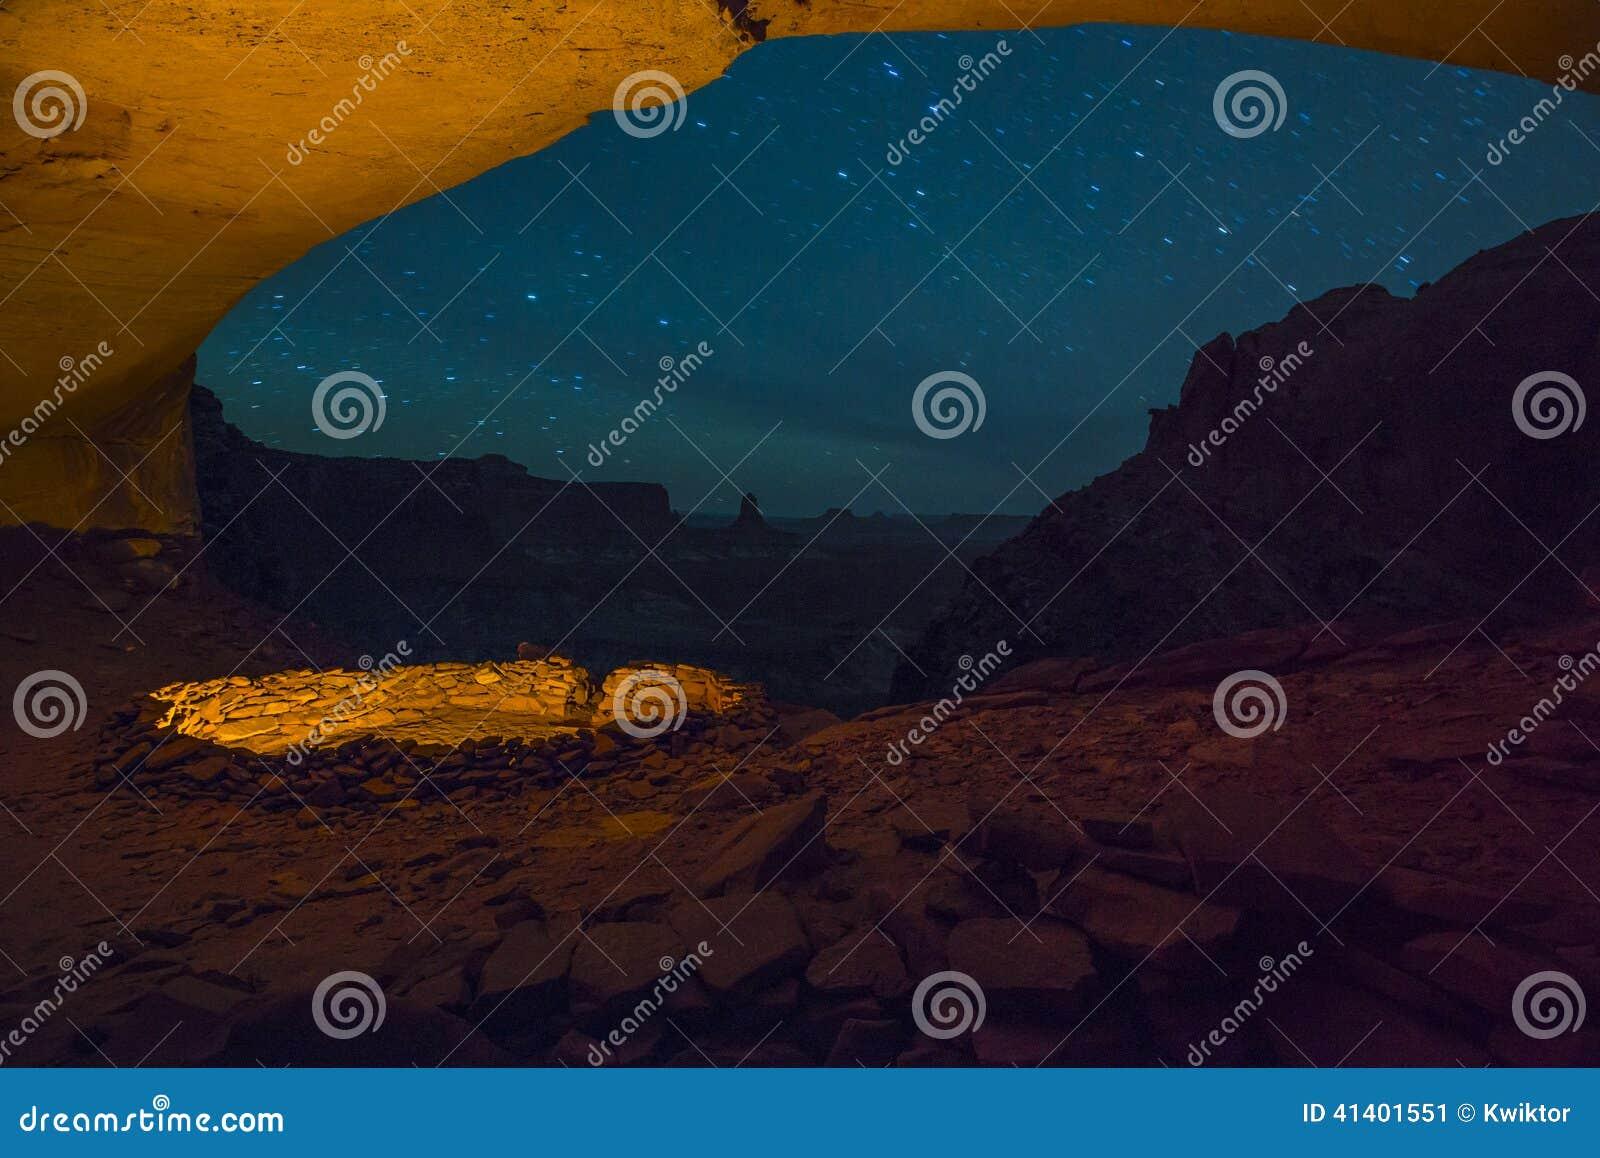 False Kiva at Night with starry sky